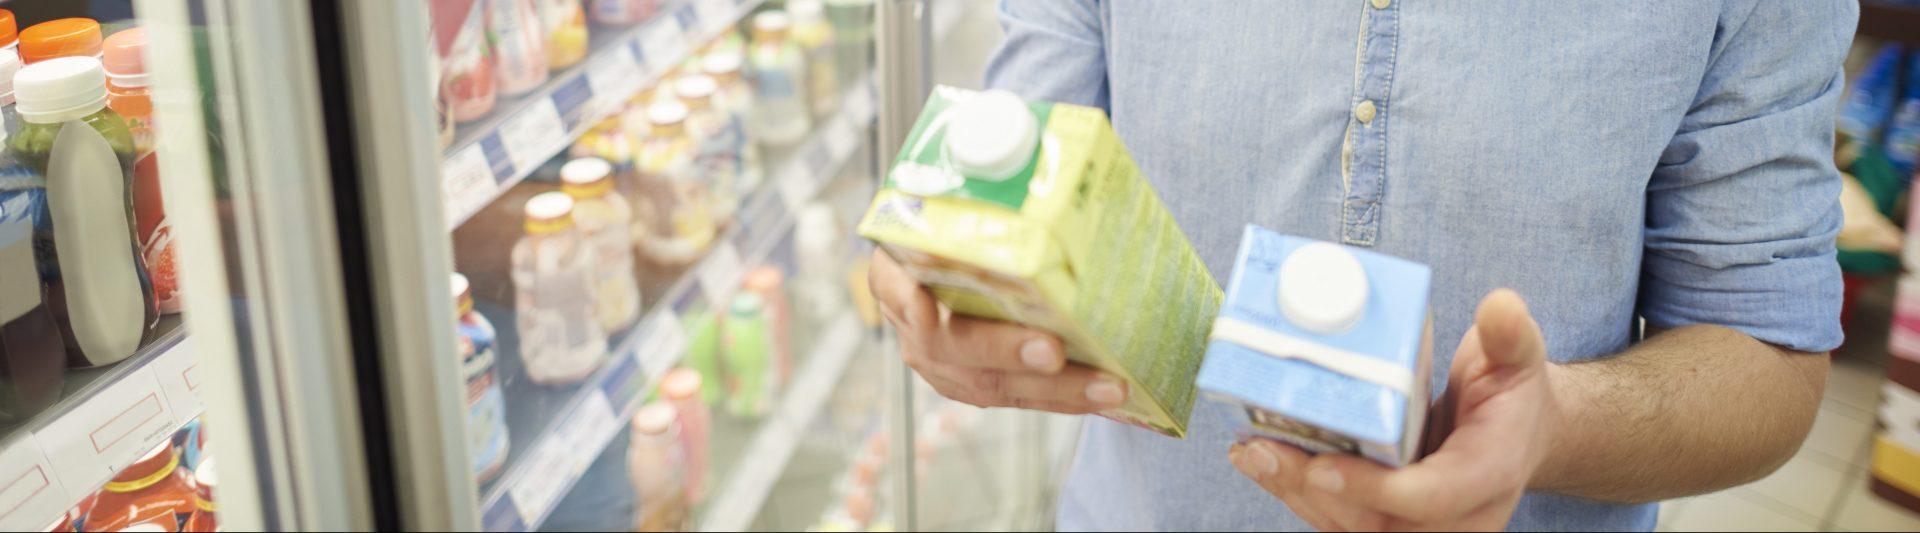 Conjoint Analyse Preisforschung Supermarkt Produktvergleich